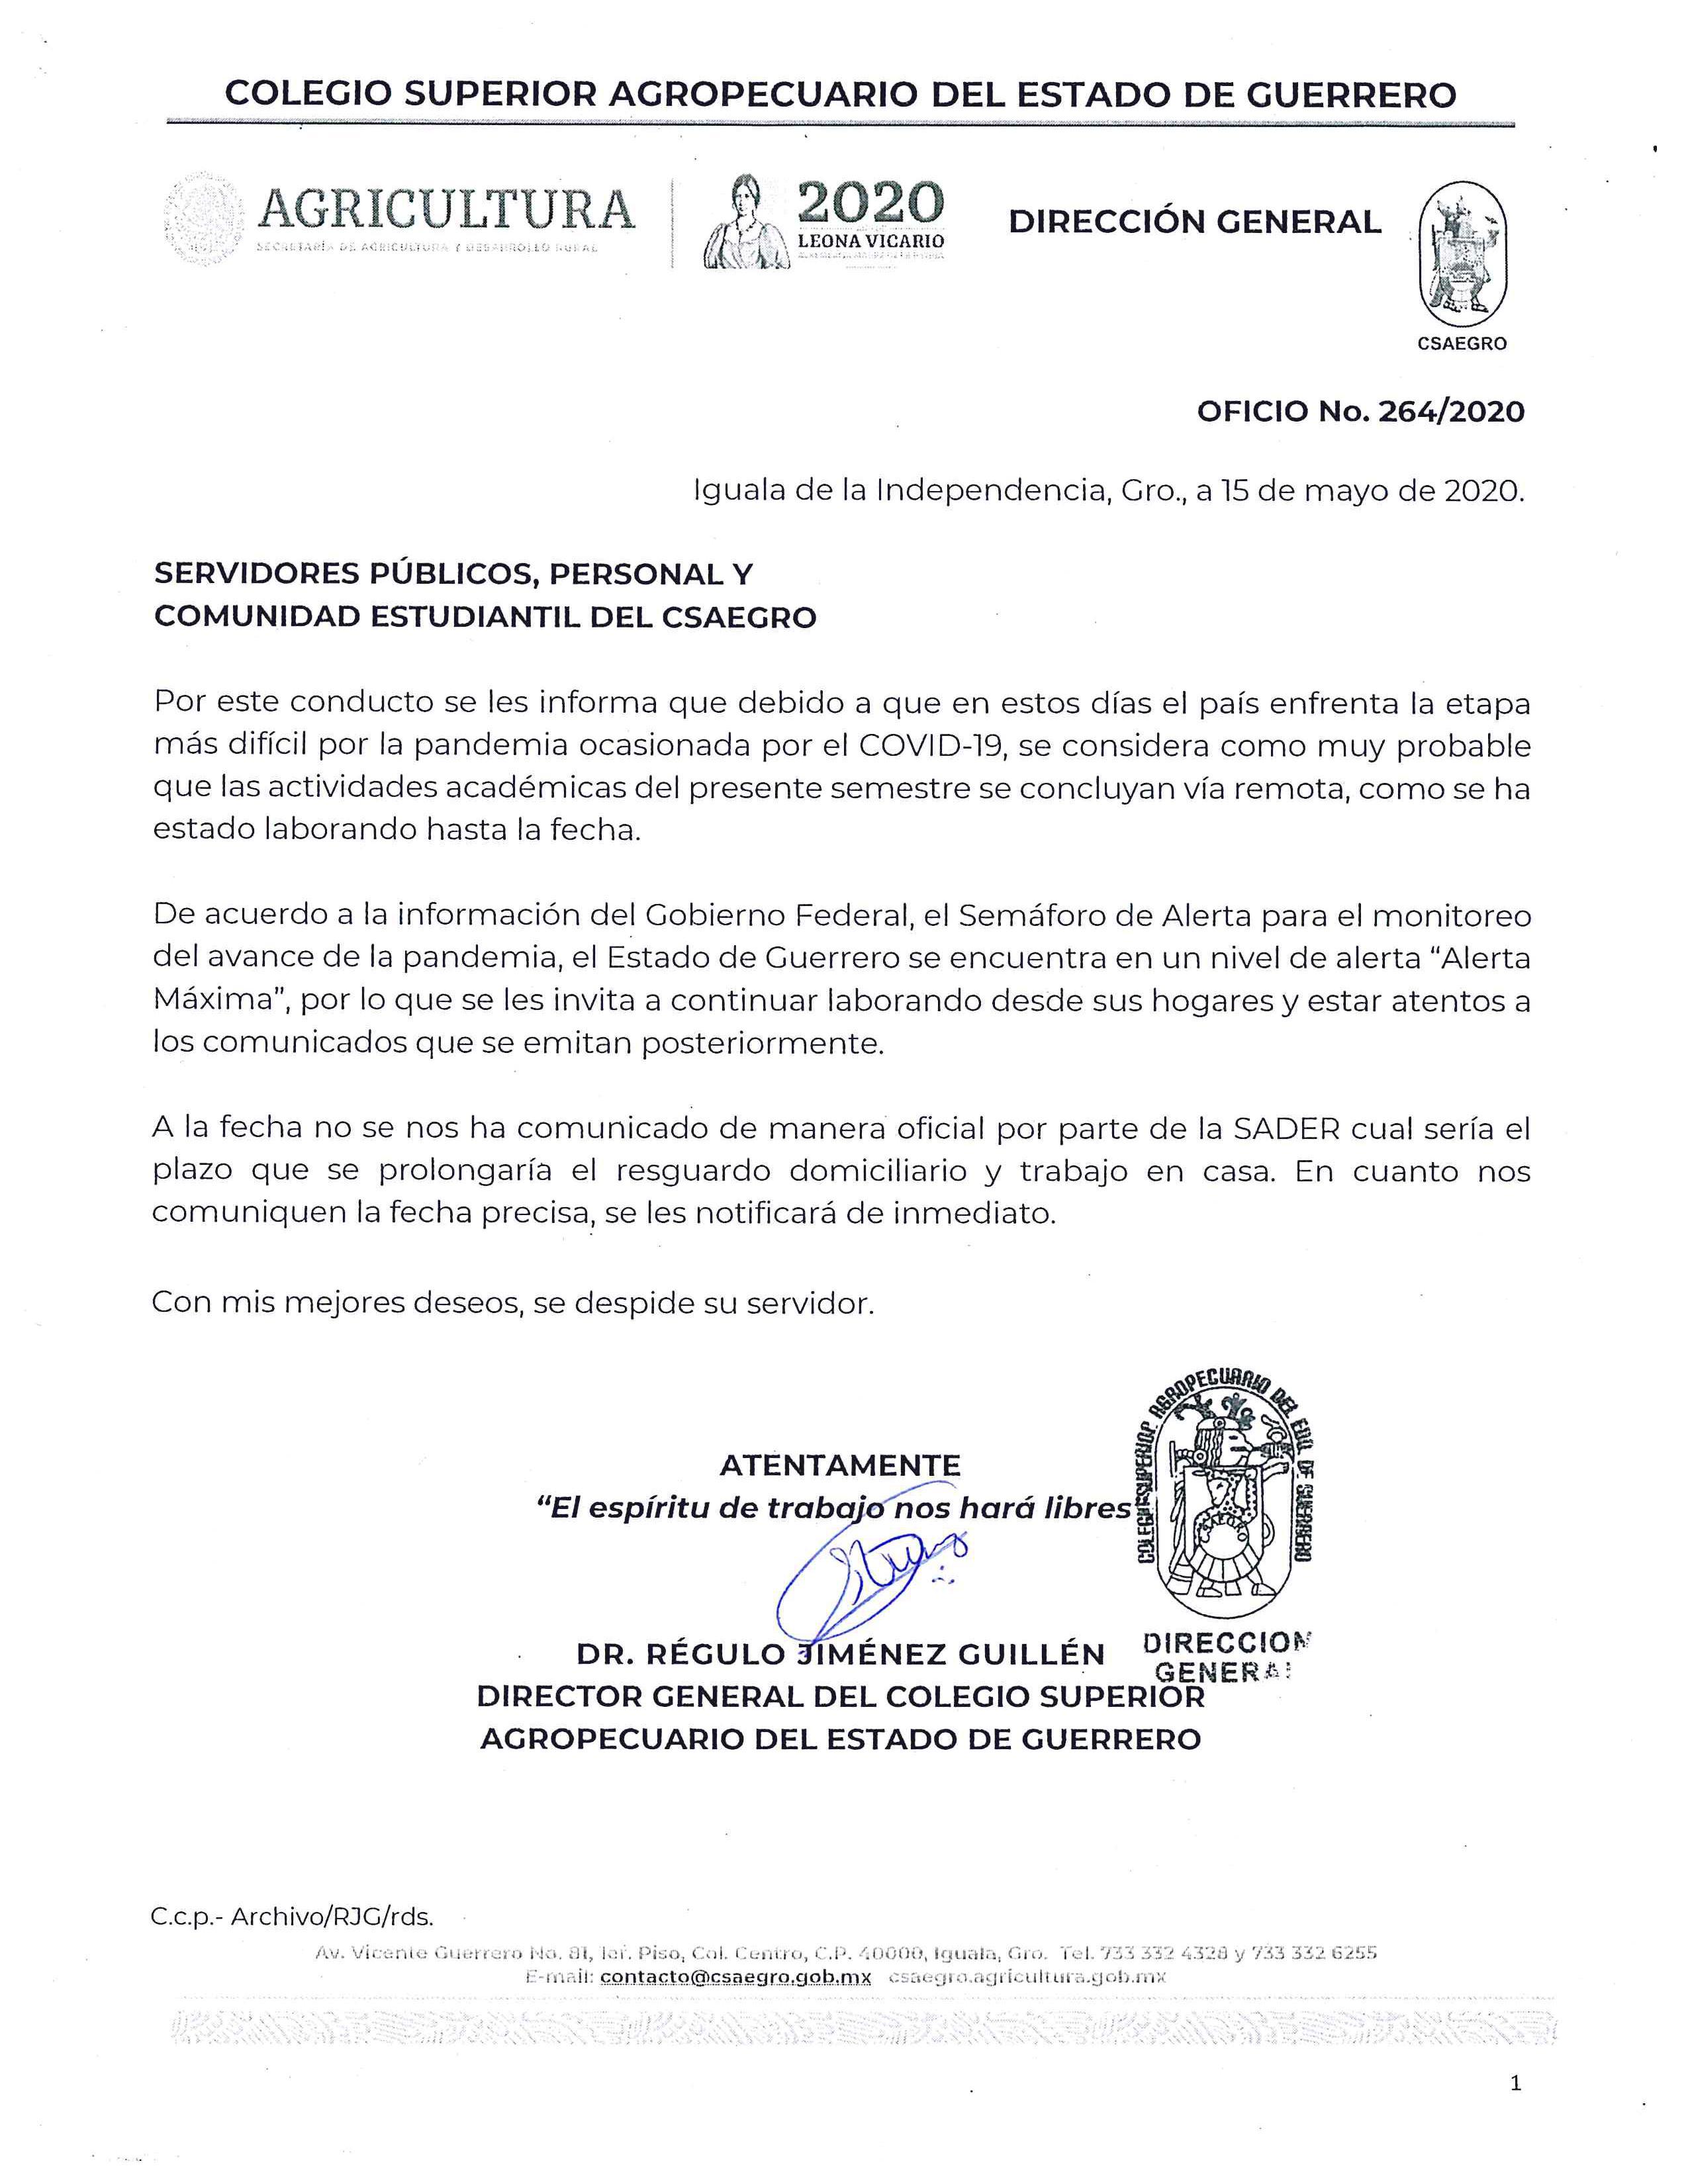 Oficio No.264 Información a Comunidad Estudiantil y Personal